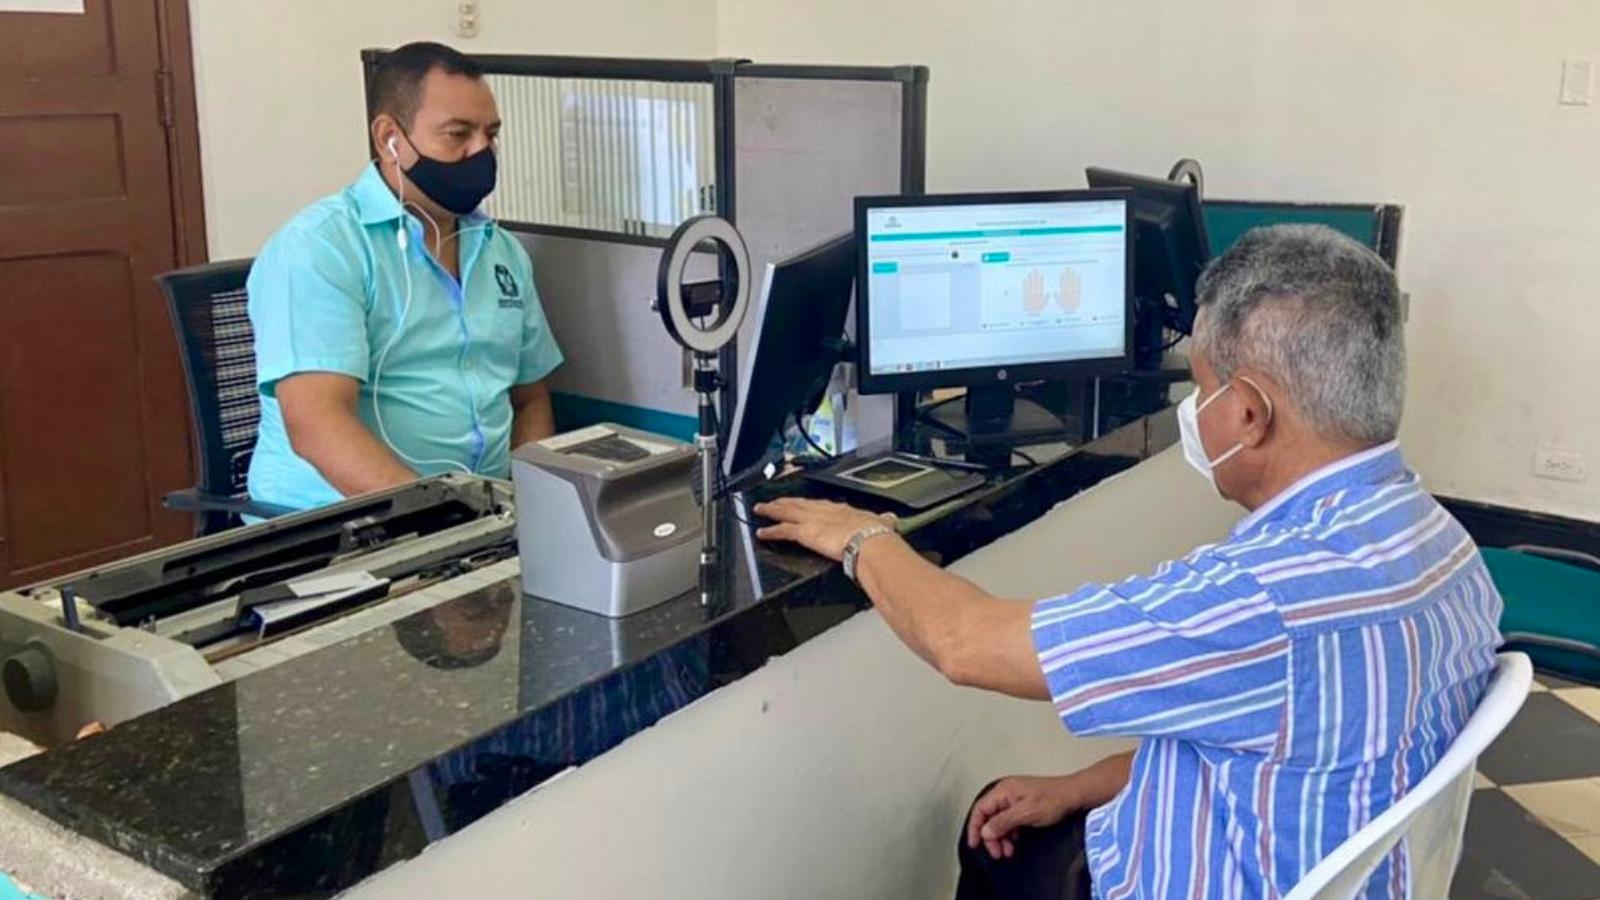 A los venezolanos se les dificulta acceder a servicios básicos en Colombia